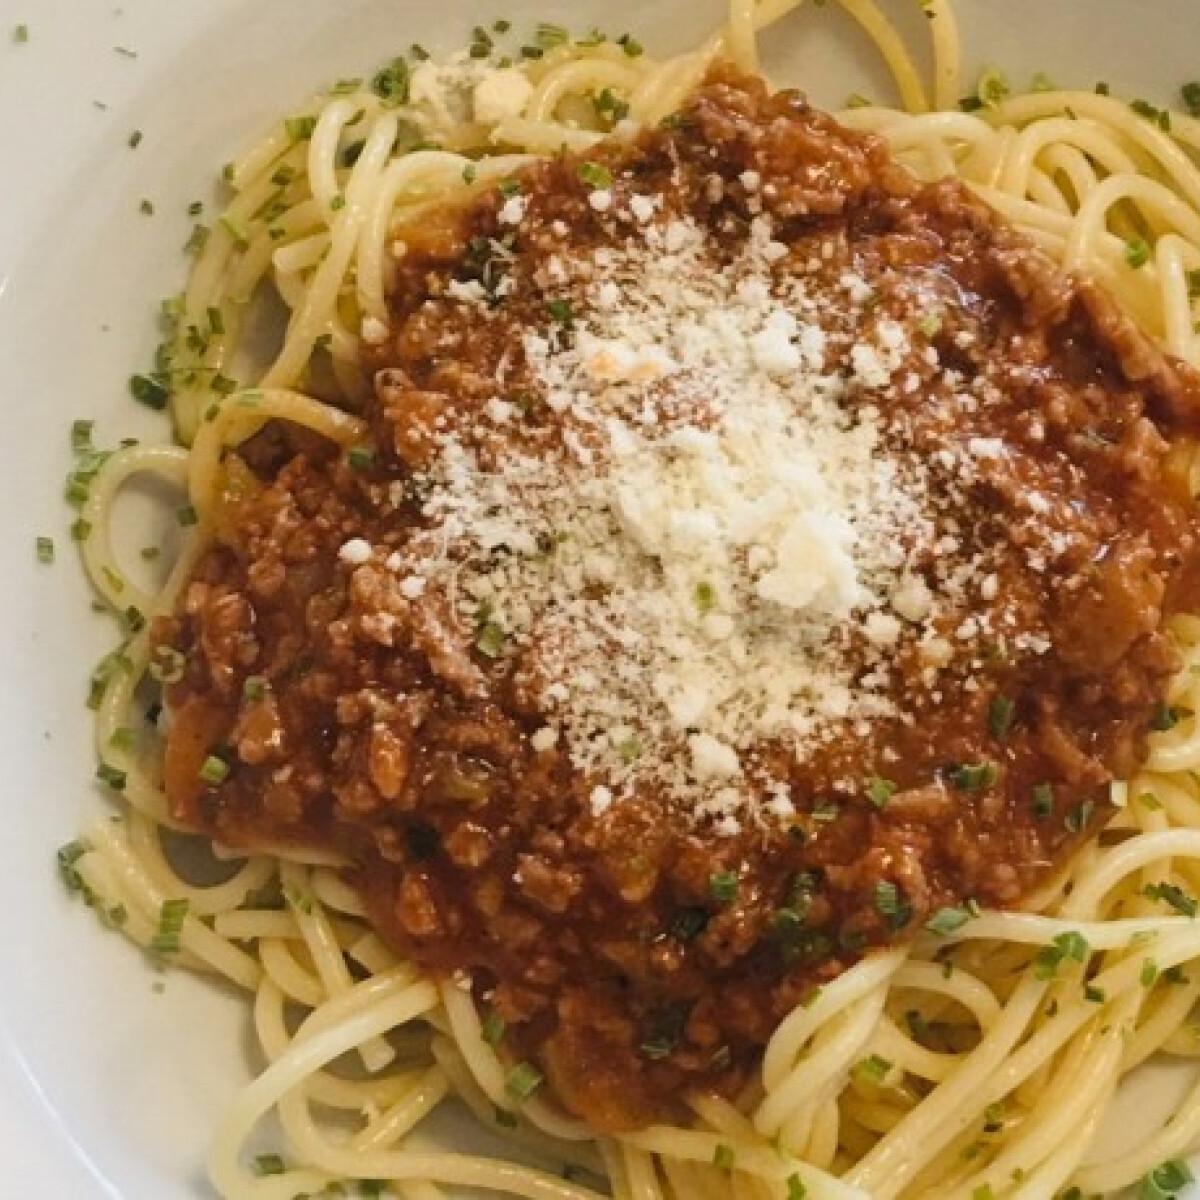 Ezen a képen: Spaghetti Bolognese Szimran konyhájából